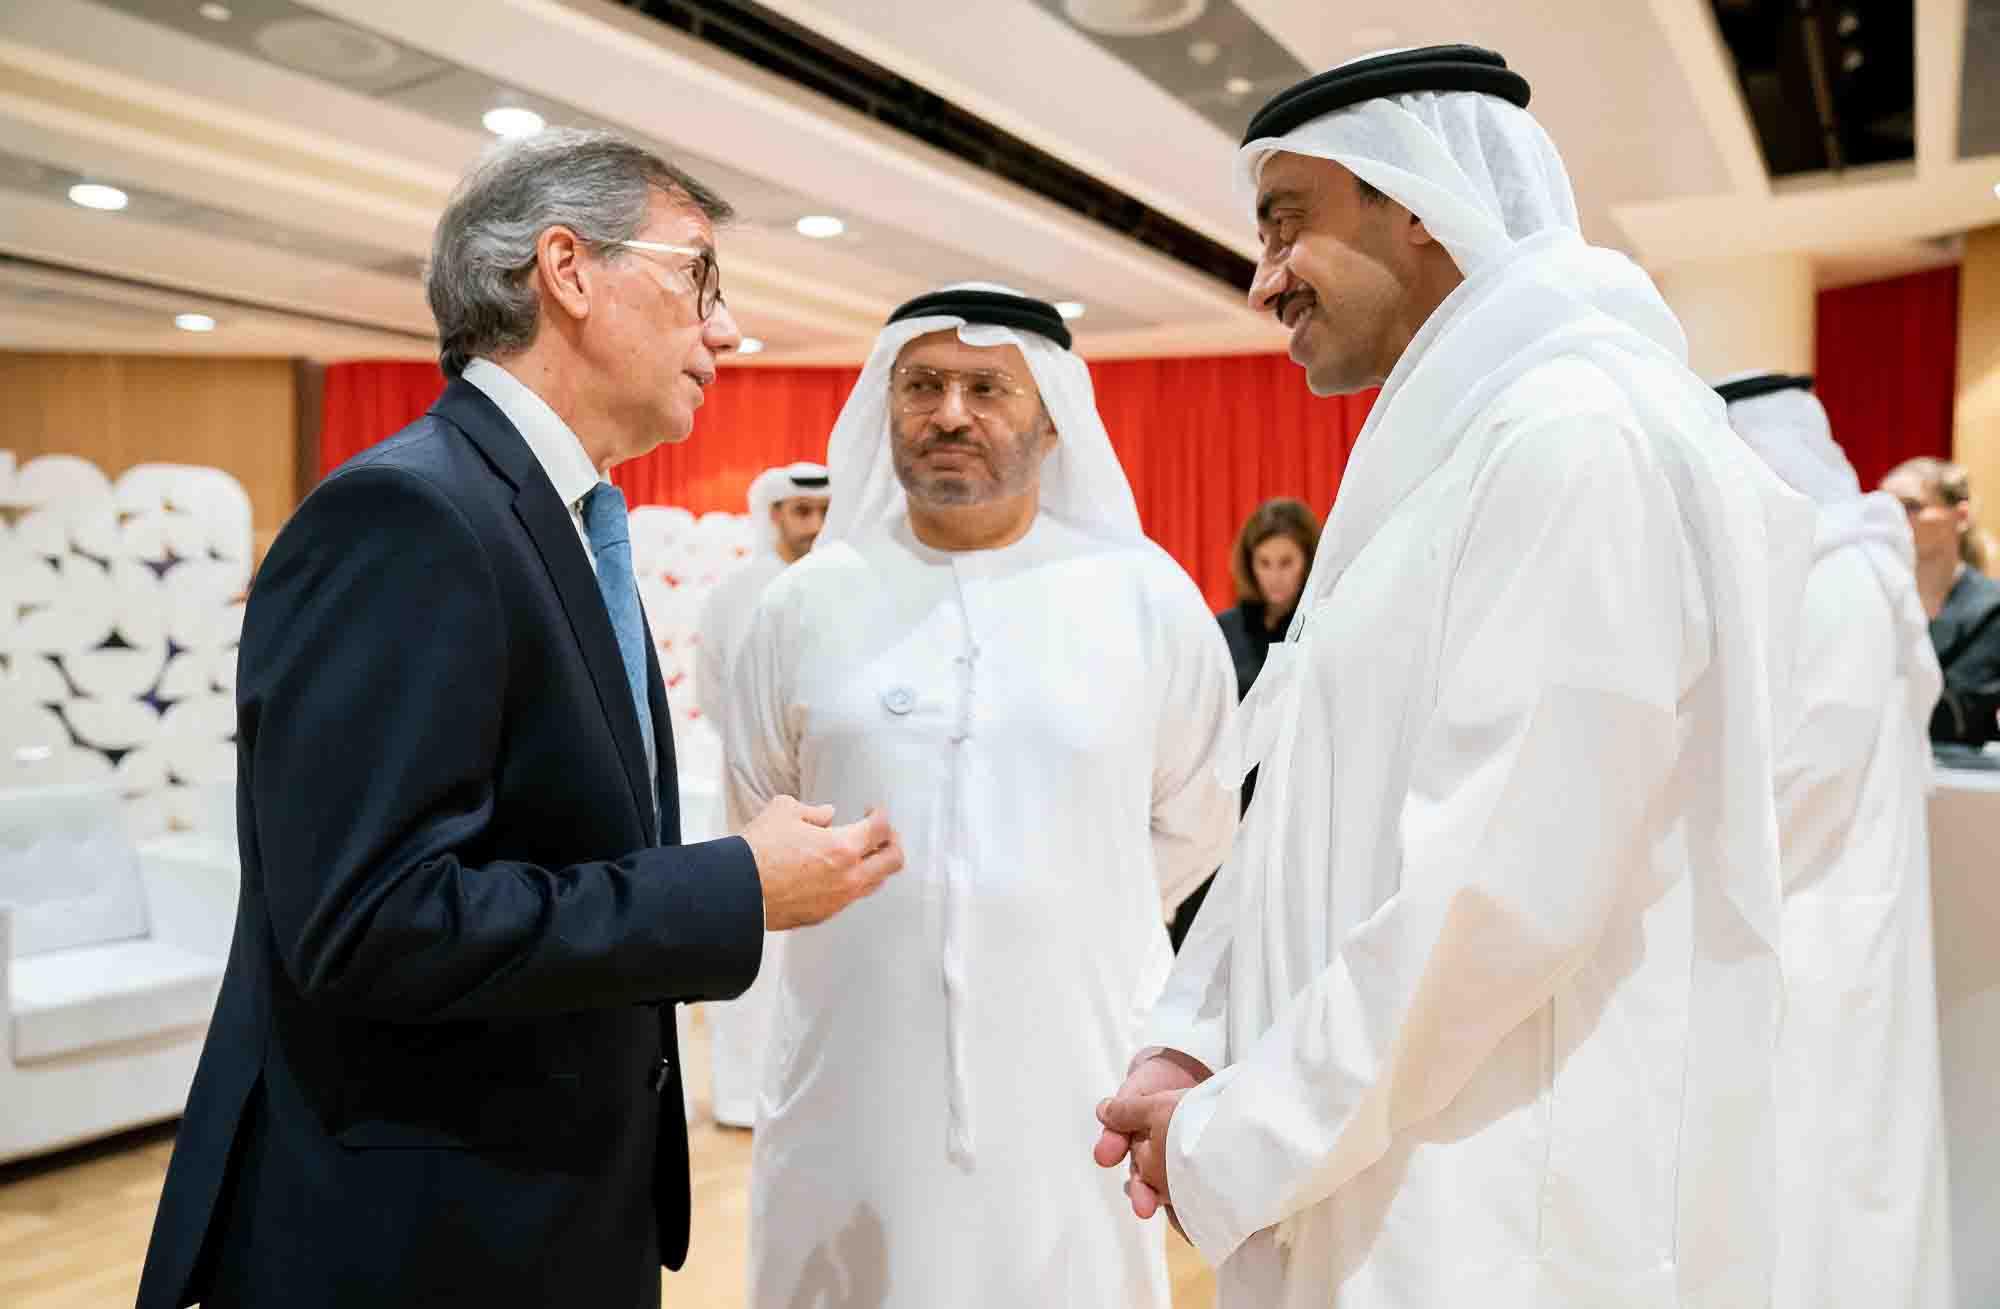 عبدالله بن زايد يشهد تخريج الدفعة الخامسة من جامعة نيويورك - أبوظبي 2